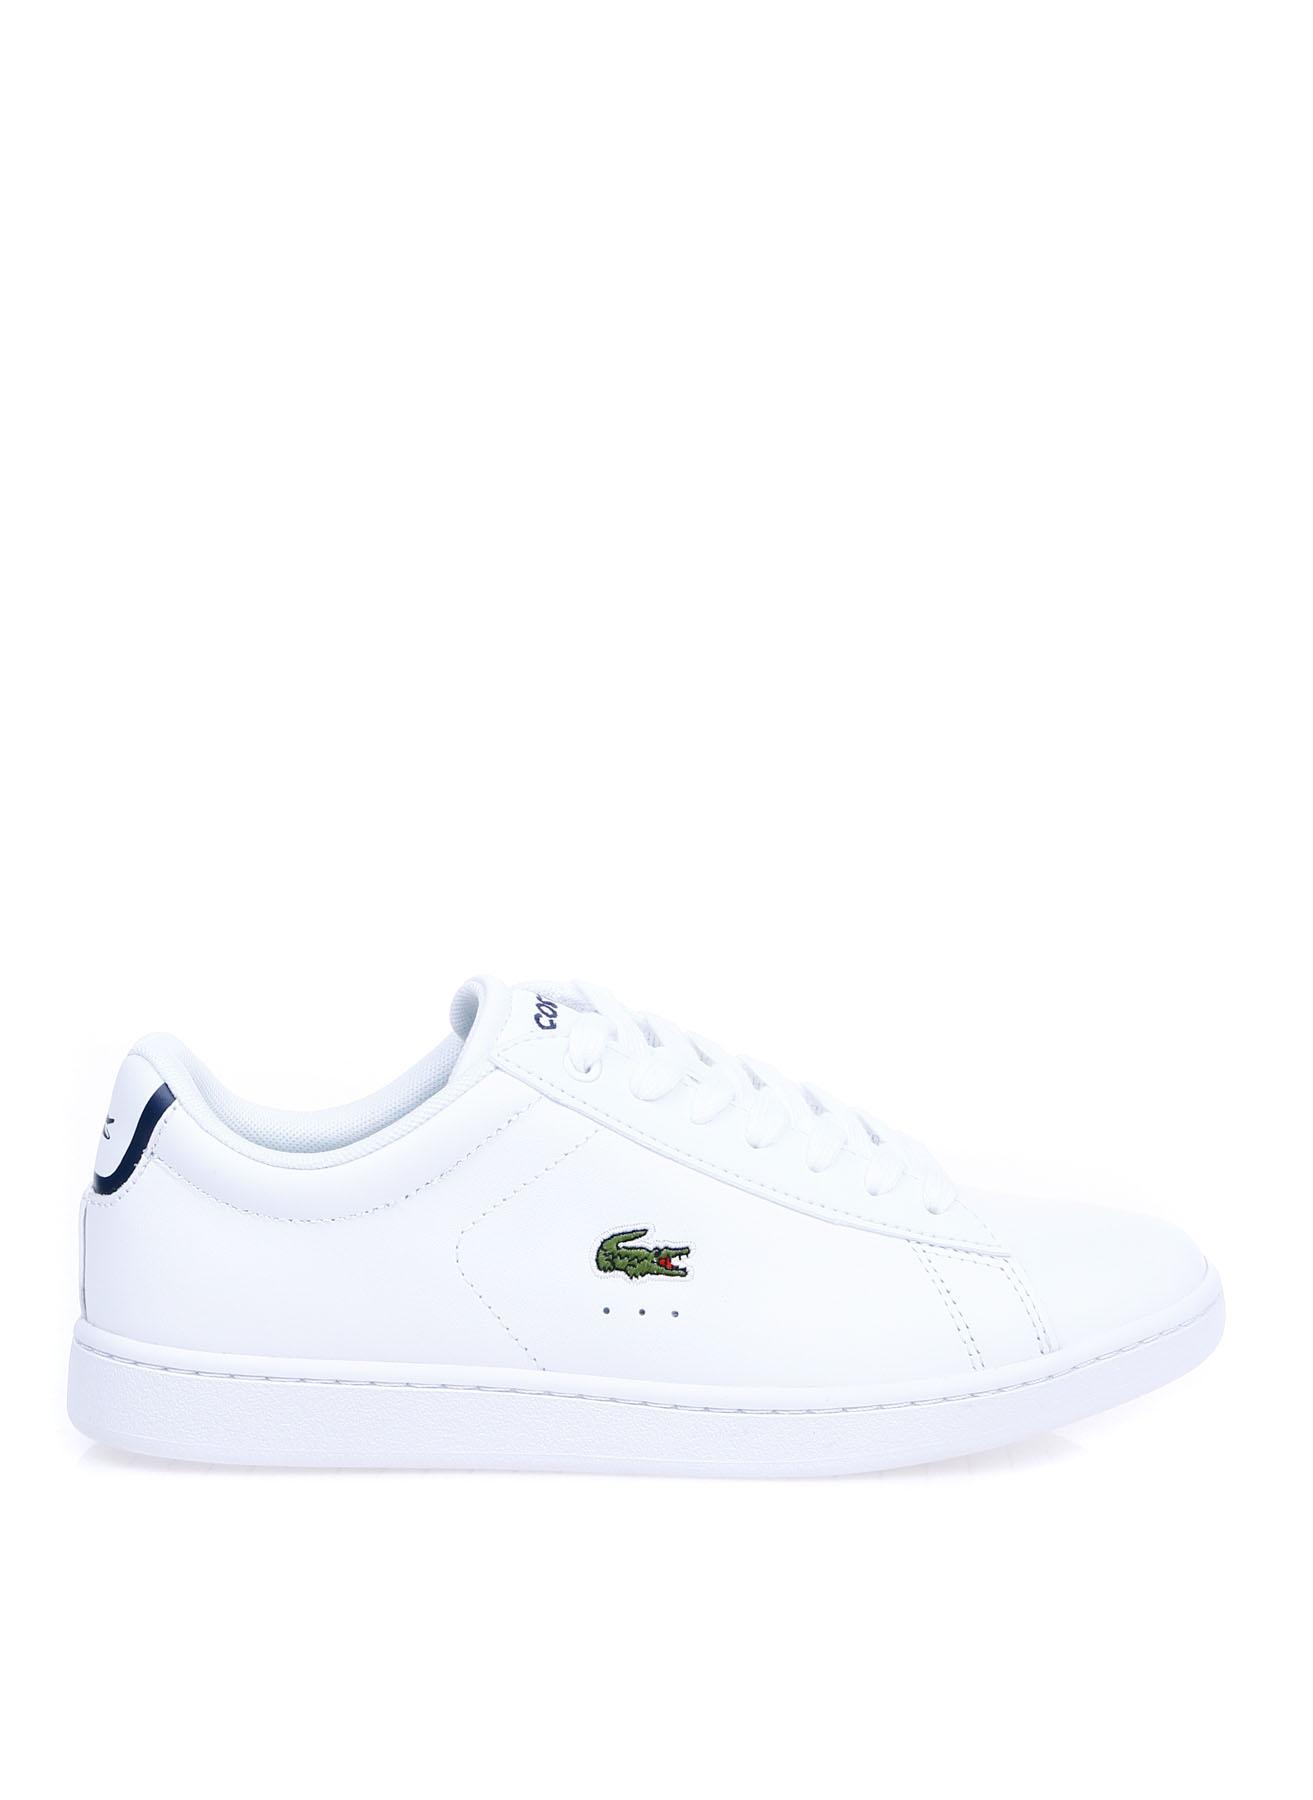 Lacoste Kadın Deri Beyaz Düz Ayakkabı 40 5000354603005 Ürün Resmi